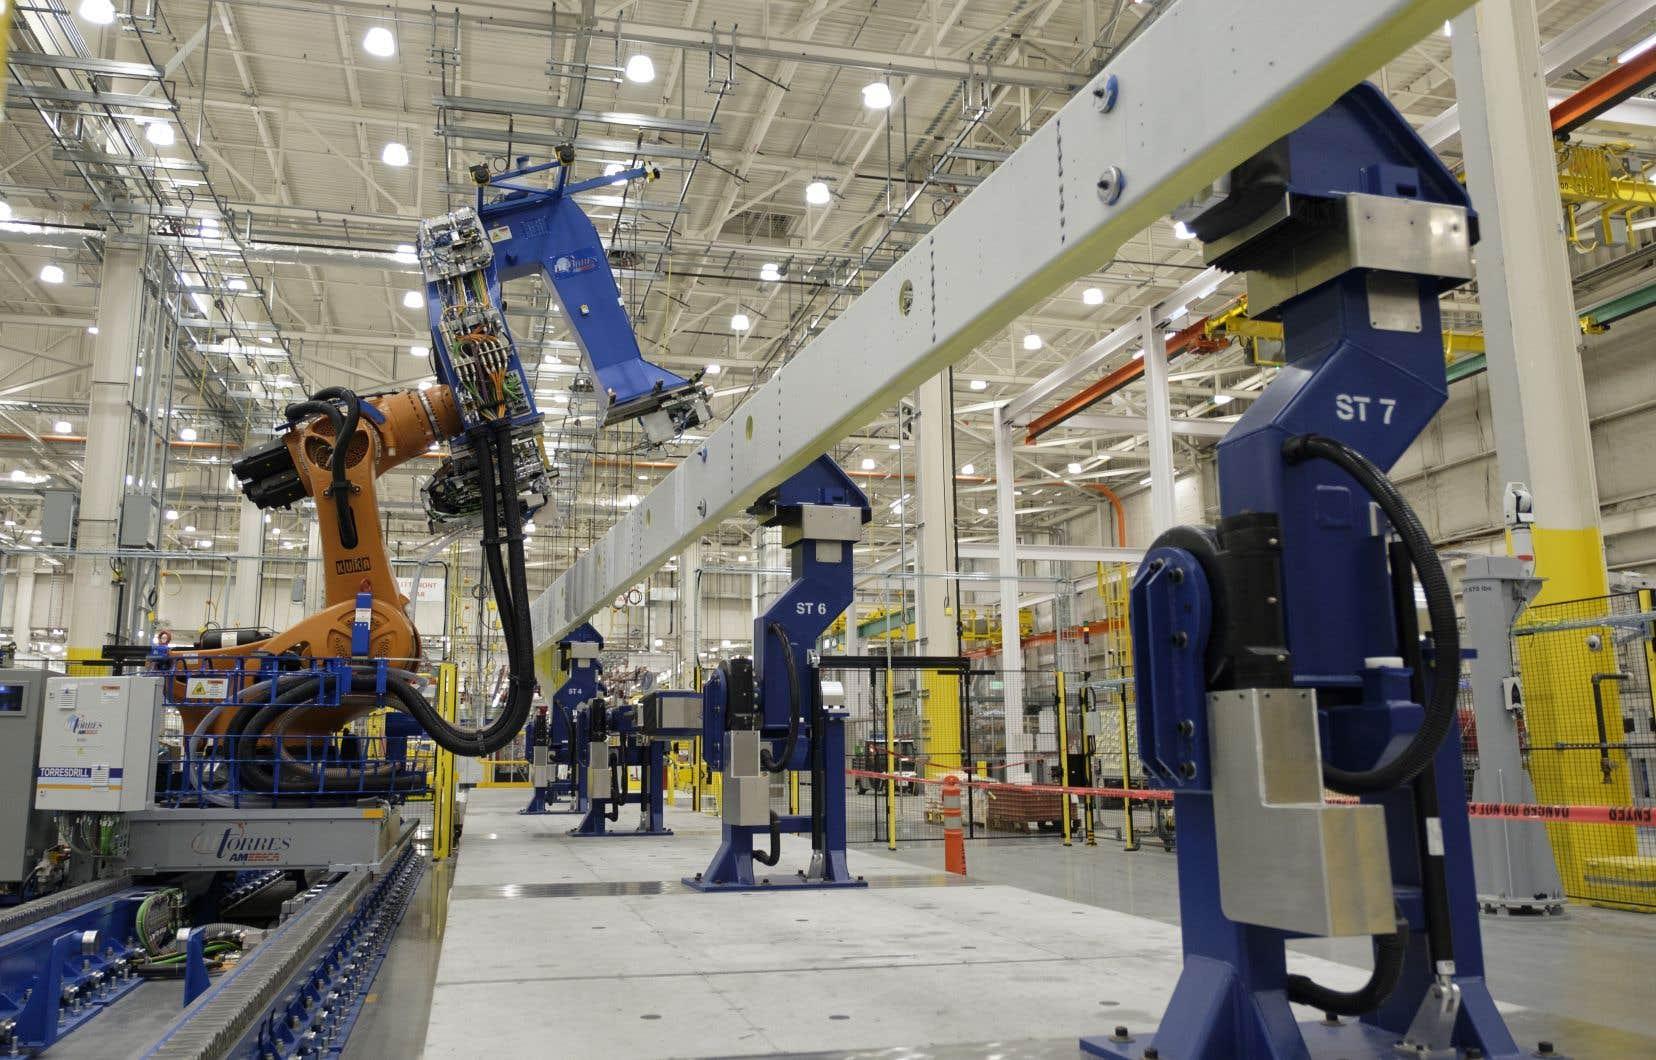 De nombreux dirigeants d'entreprise se disent convaincus que les révolutions de l'intelligence artificielle (IA) et de la robotique finiront par créer plus d'emplois qu'elles n'en élimineront.